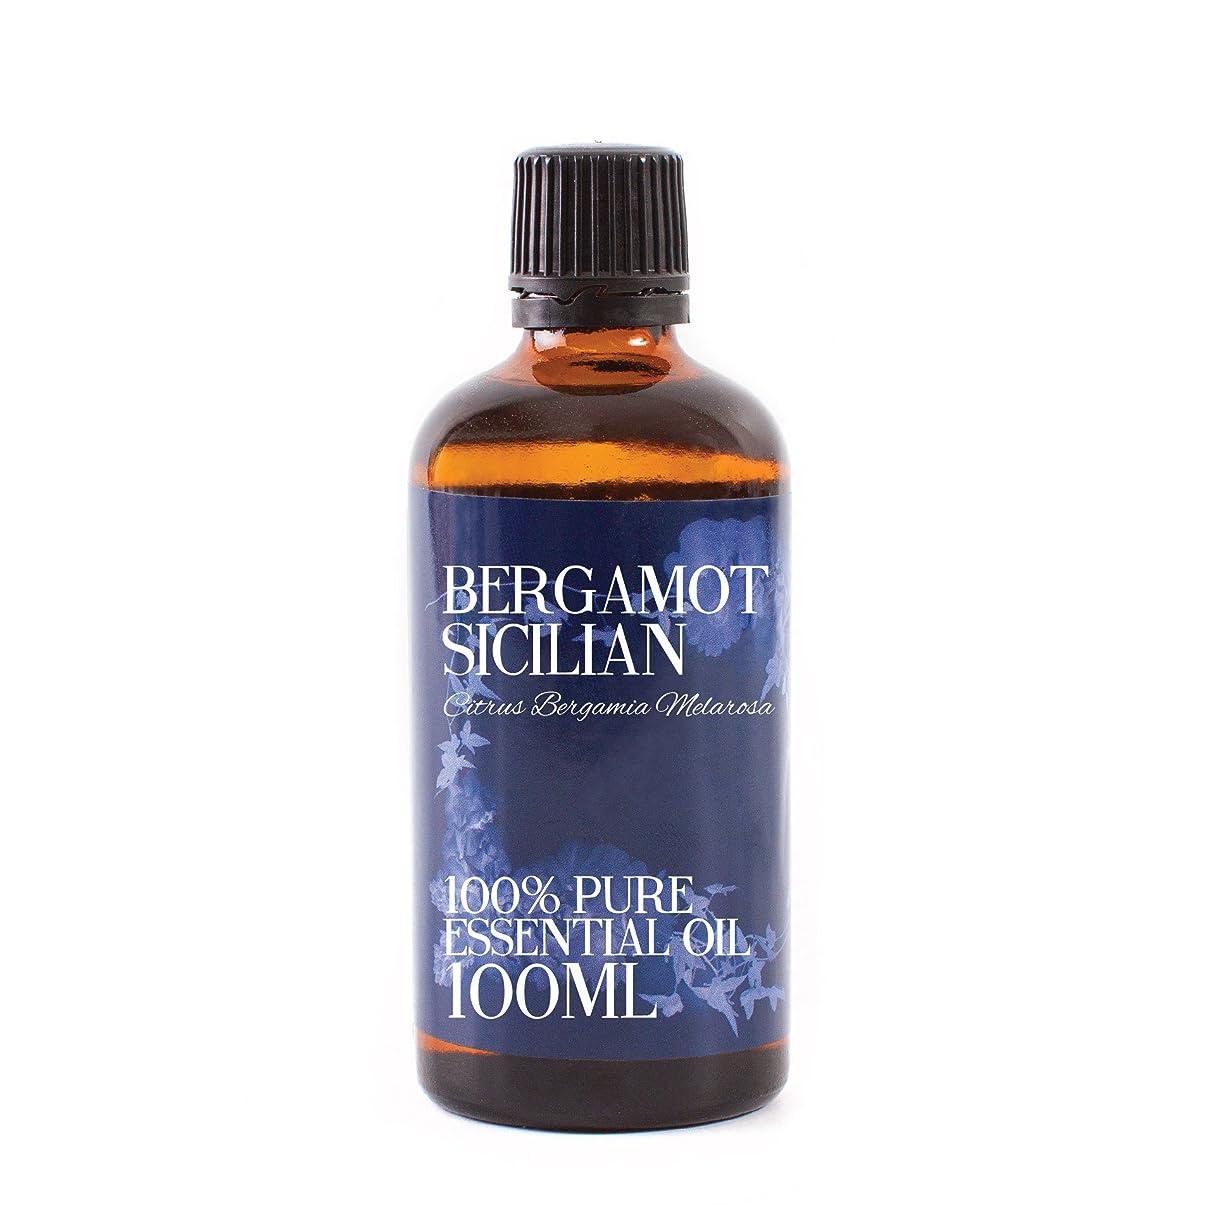 湿度オーチャードスクラップブックMystic Moments | Bergamot Sicilian Essential Oil - 100ml - 100% Pure